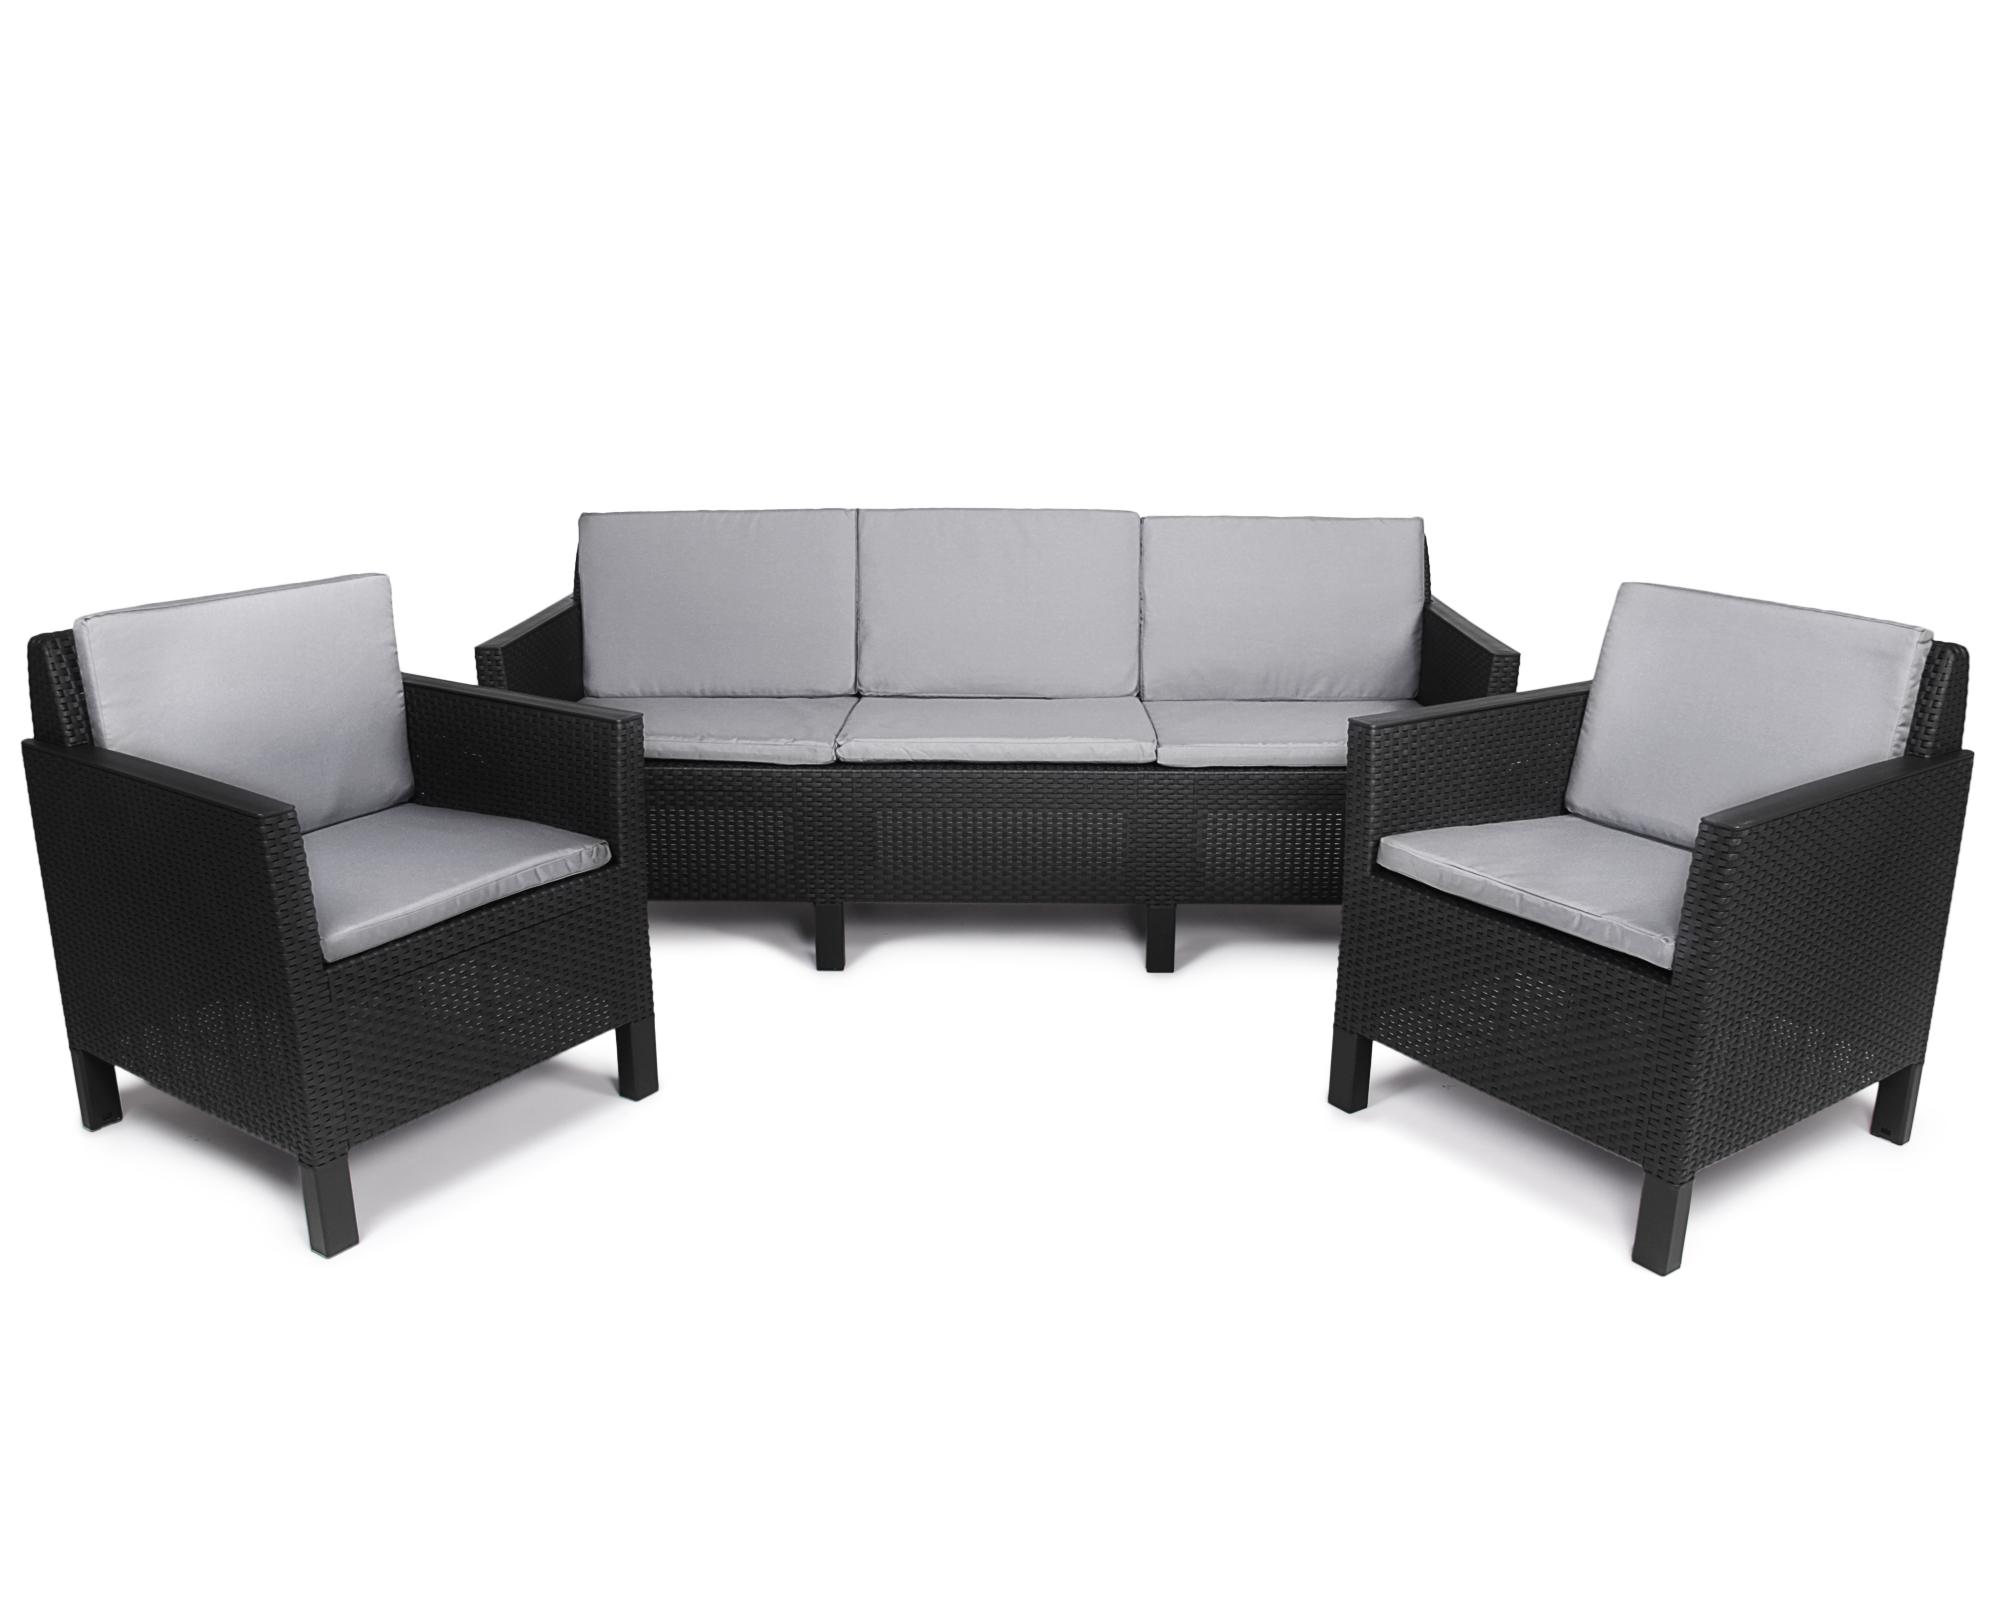 Full Size of Sofa Günstig Kaufen Ondis24 Chicago Lounge Set 5 Sitze Mit Gnstig Online Betten 180x200 L Form Schlafzimmer Komplett Günstige Bezug Ecksofa Leder Sofa Sofa Günstig Kaufen